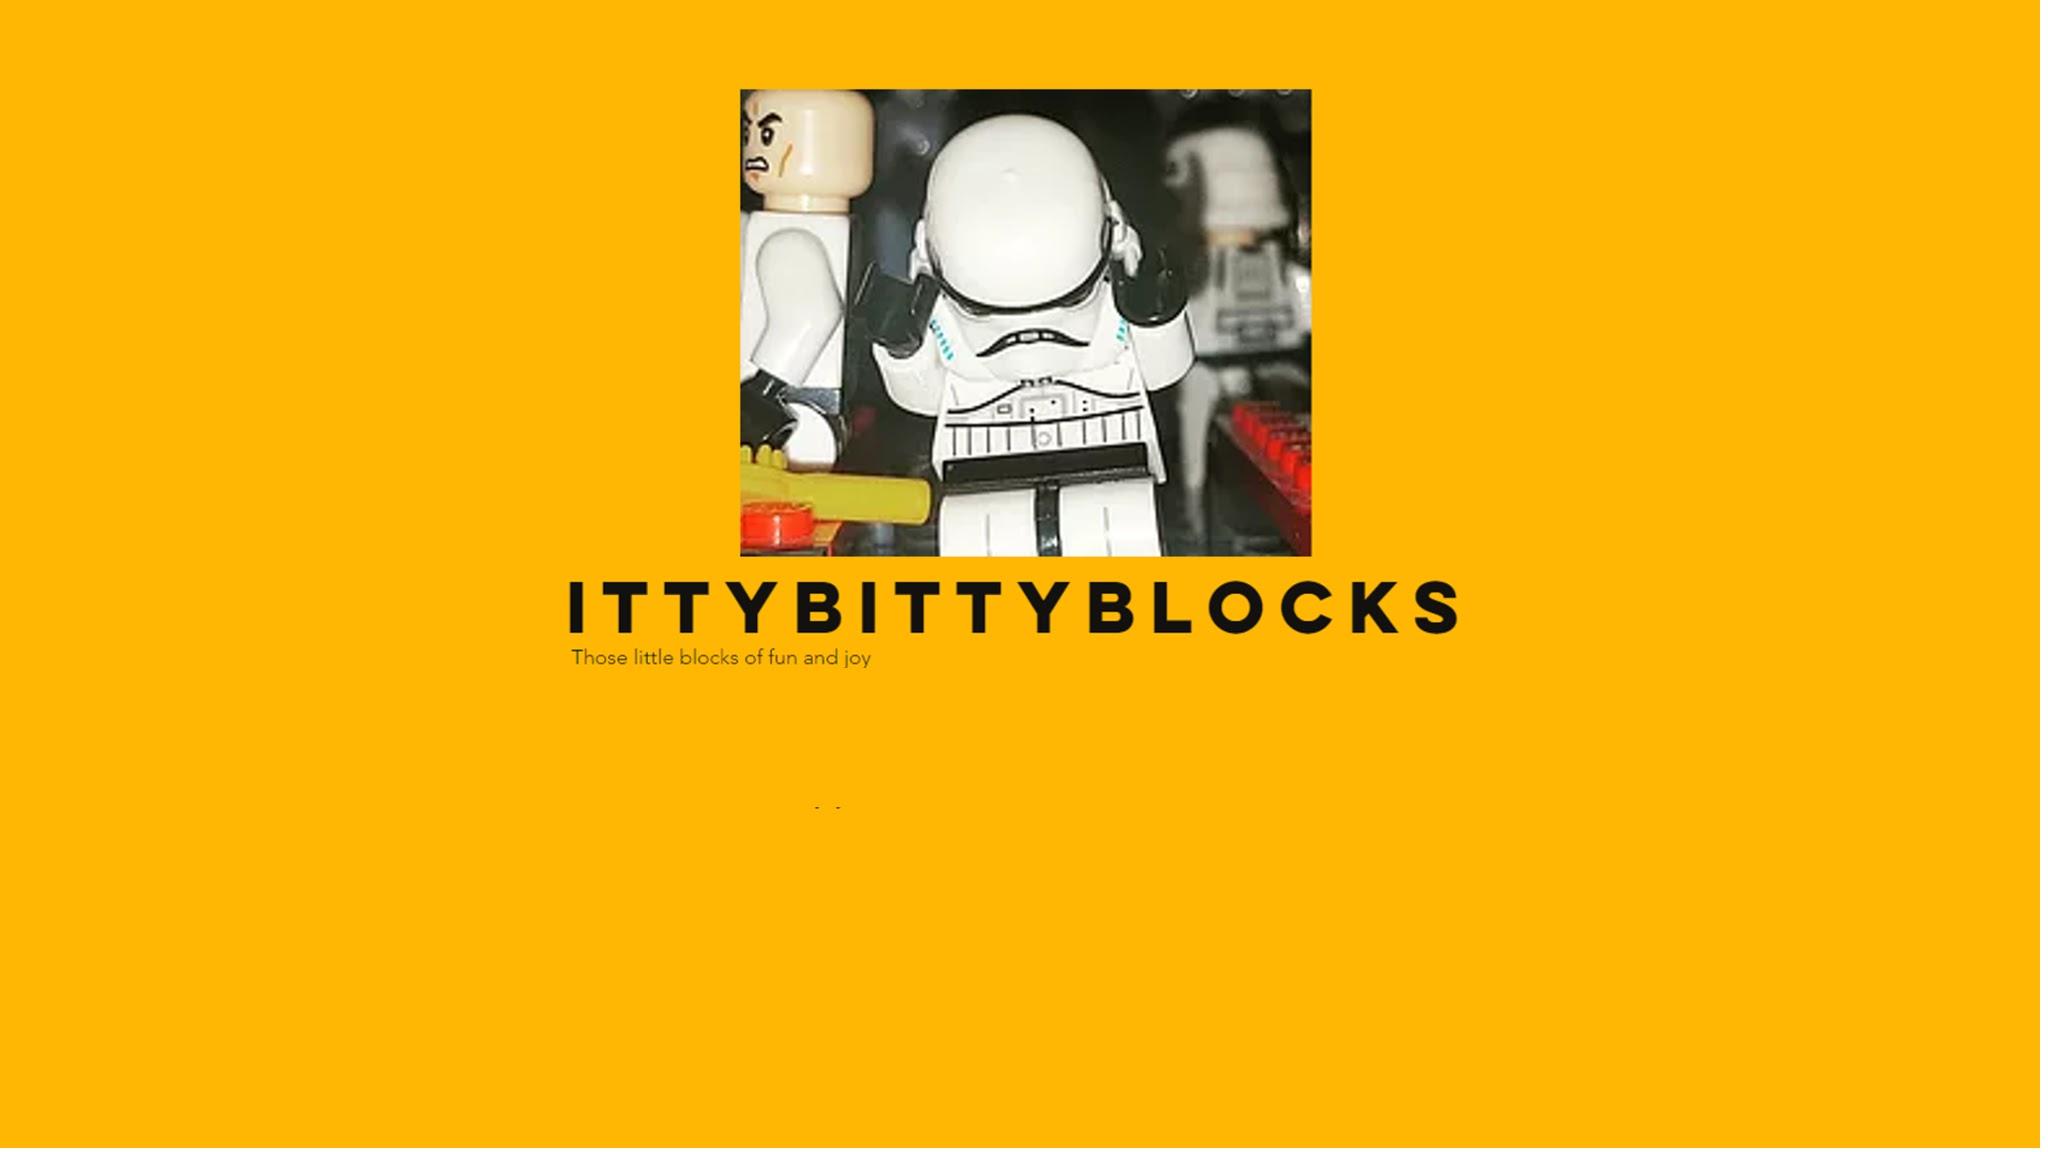 IttyBittyBlocks